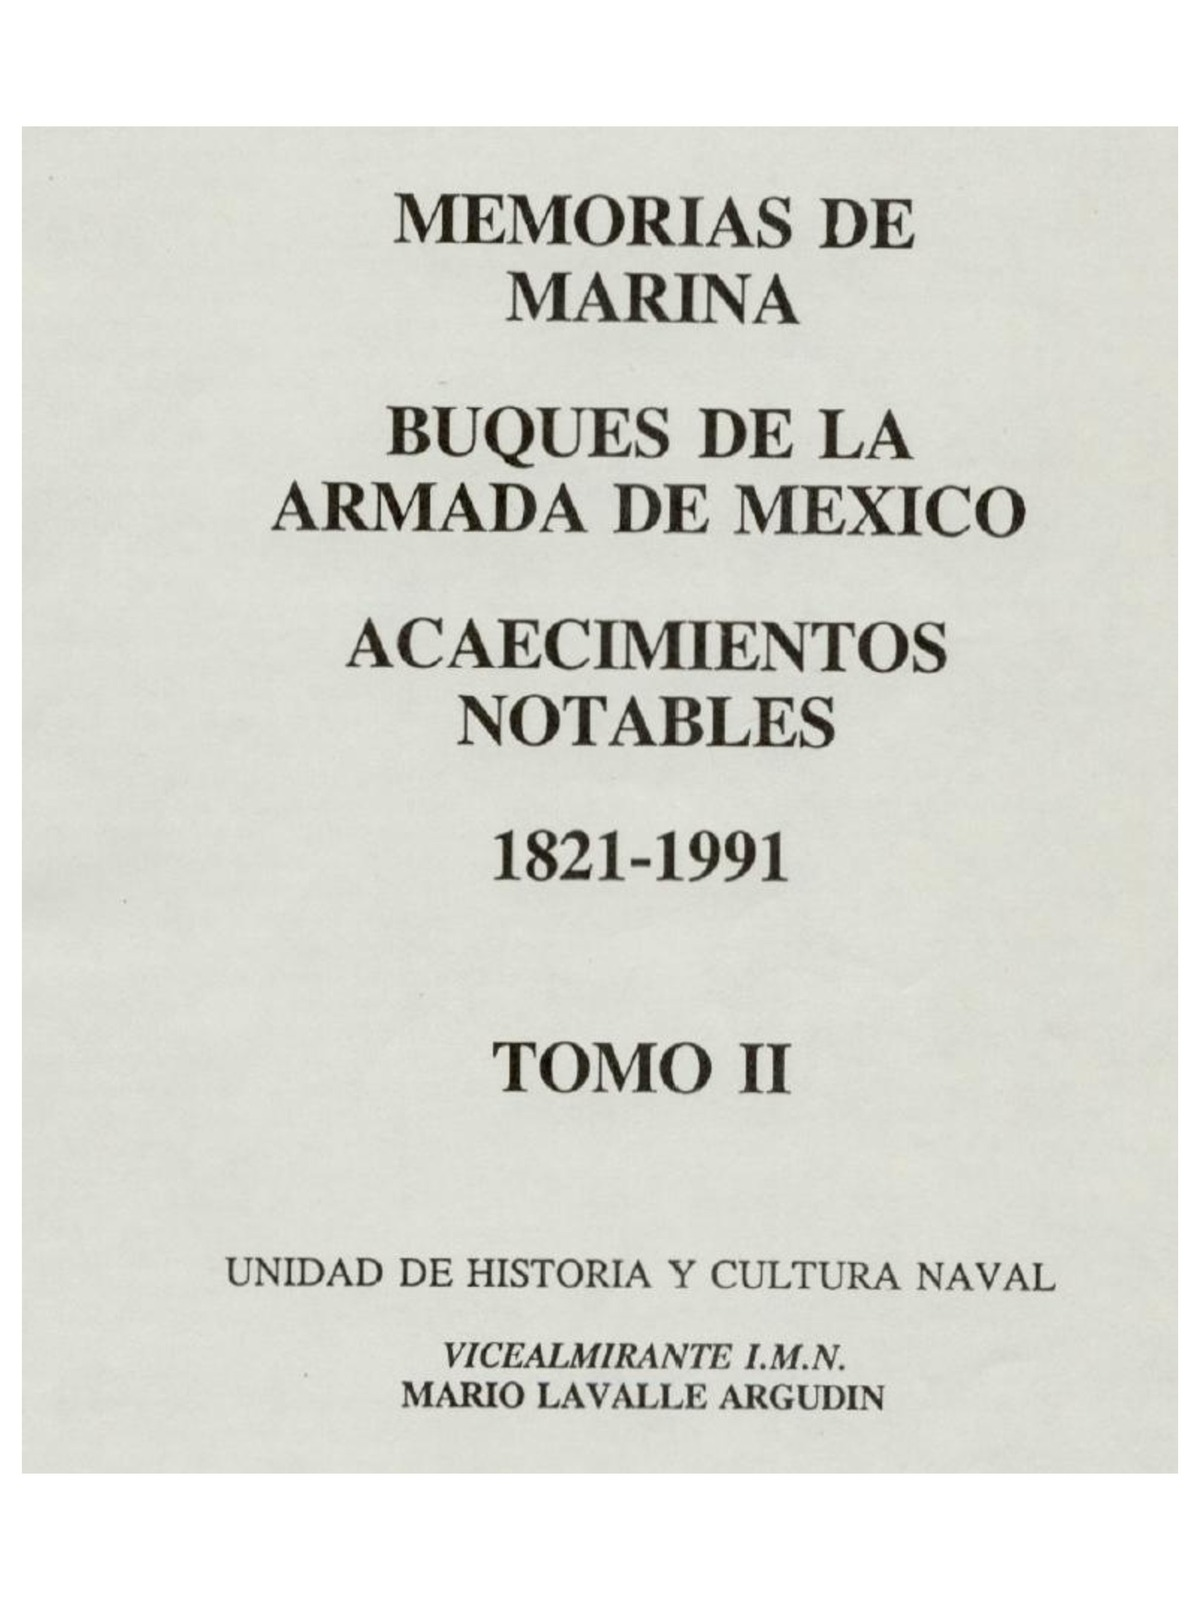 YATES PRESIDENCIALES – YATE SOTAVENTO – ARMADA DE MEXICO - 1948 Page_1_fuente_LIBROCONCLUSIONYATESOTAVENTOPPT